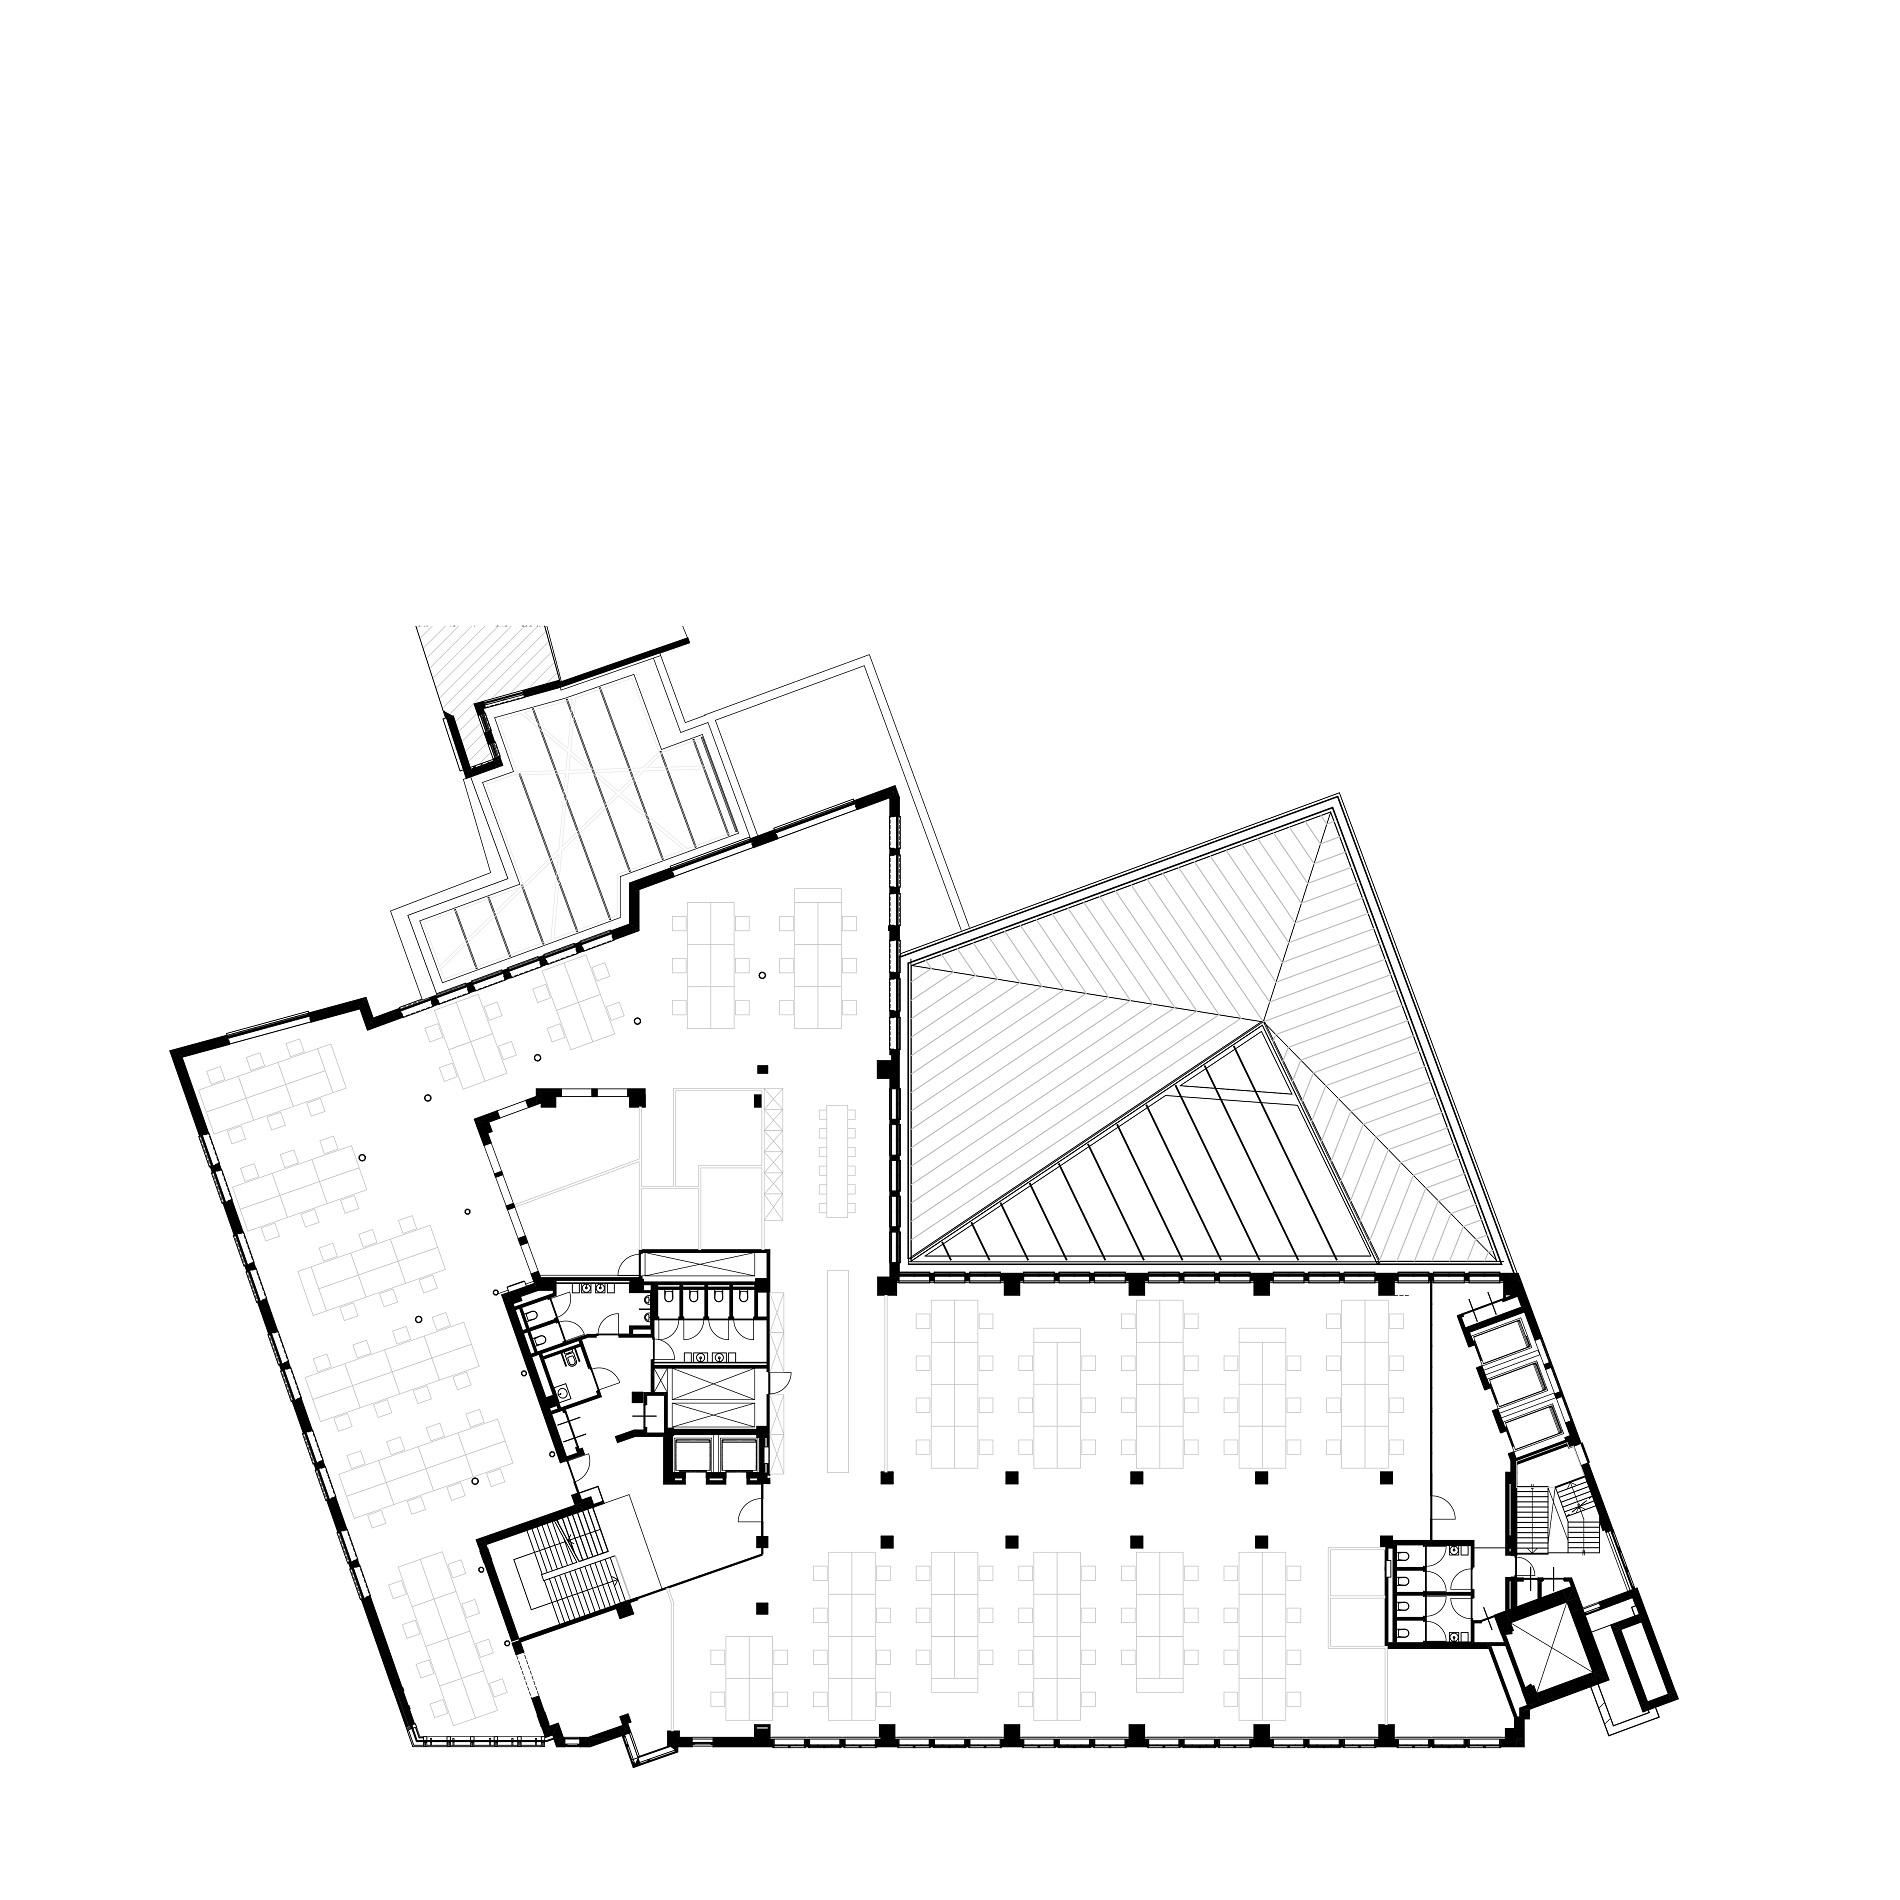 Plattegrond 2e verdieping van Nieuwezijds Voorburgwal 225 door Rijnboutt